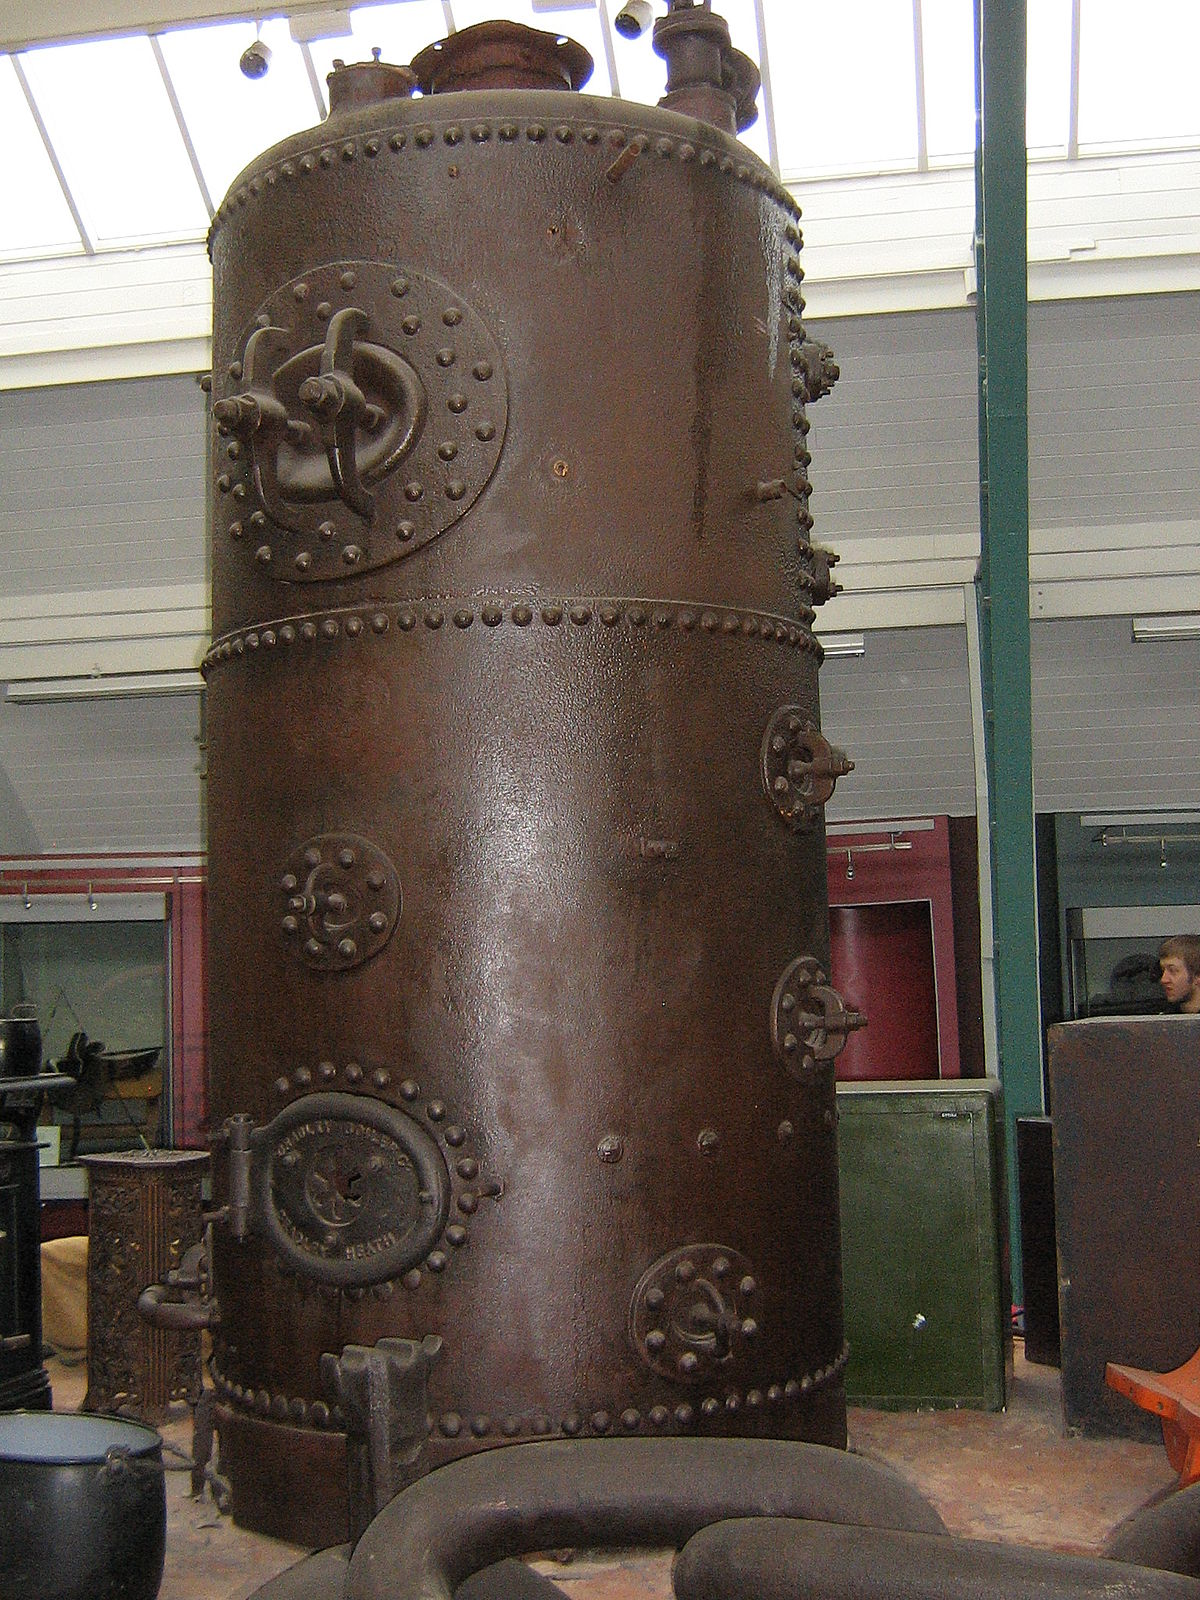 Vertical cross-tube boiler - Wikipedia